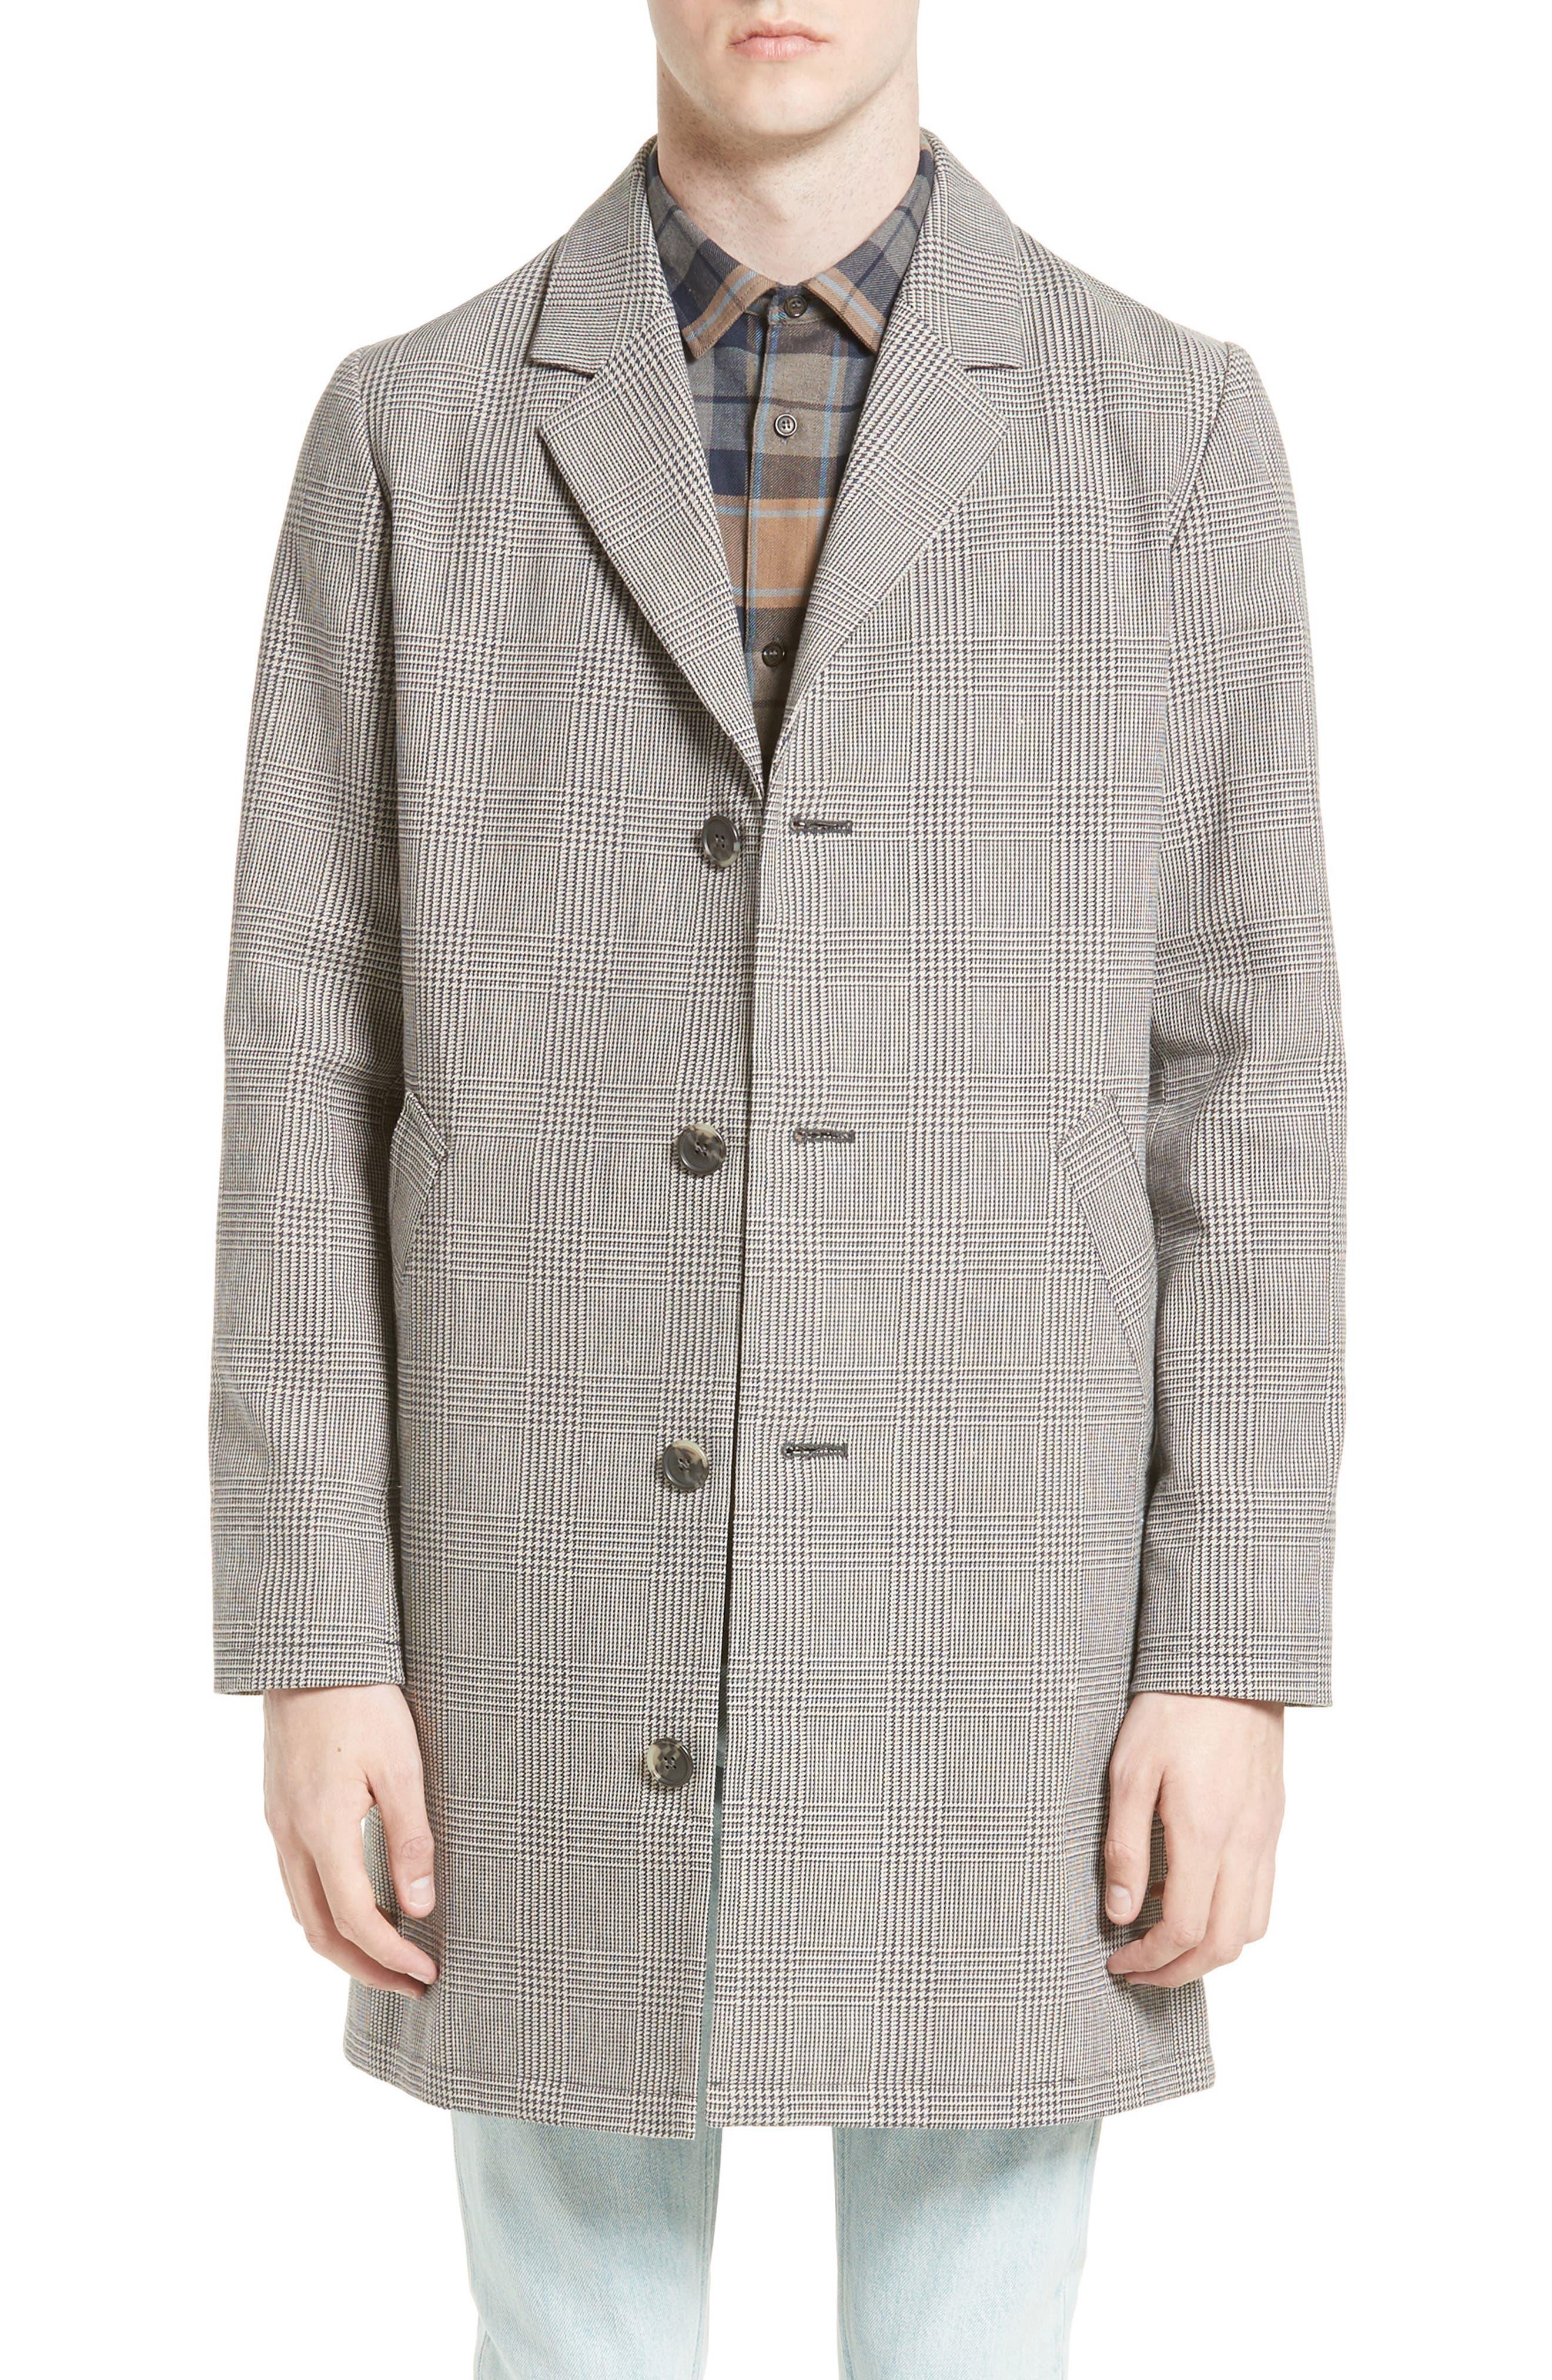 A.P.C. Manteau Tristan Cotton & Linen Topcoat